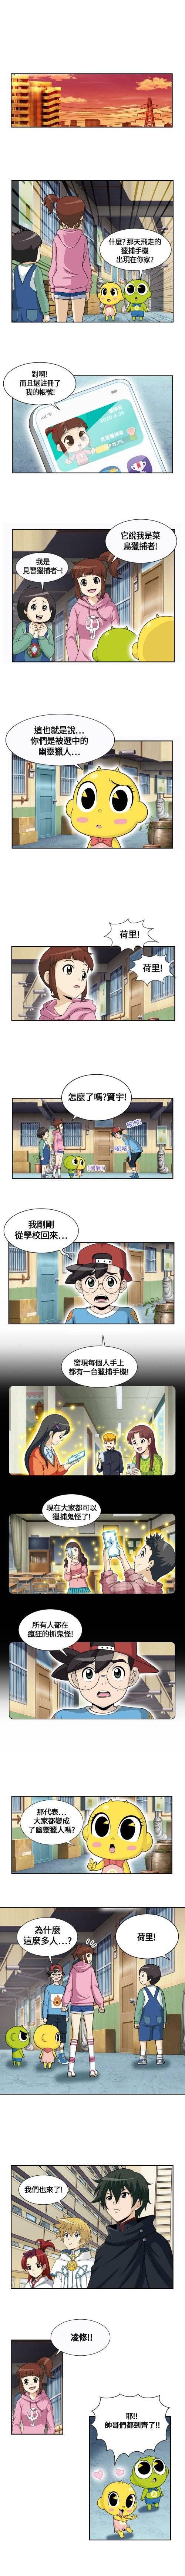 幽靈獵人-神秘公寓: 遊戲介紹 - 網絡卡通 -2  image 9